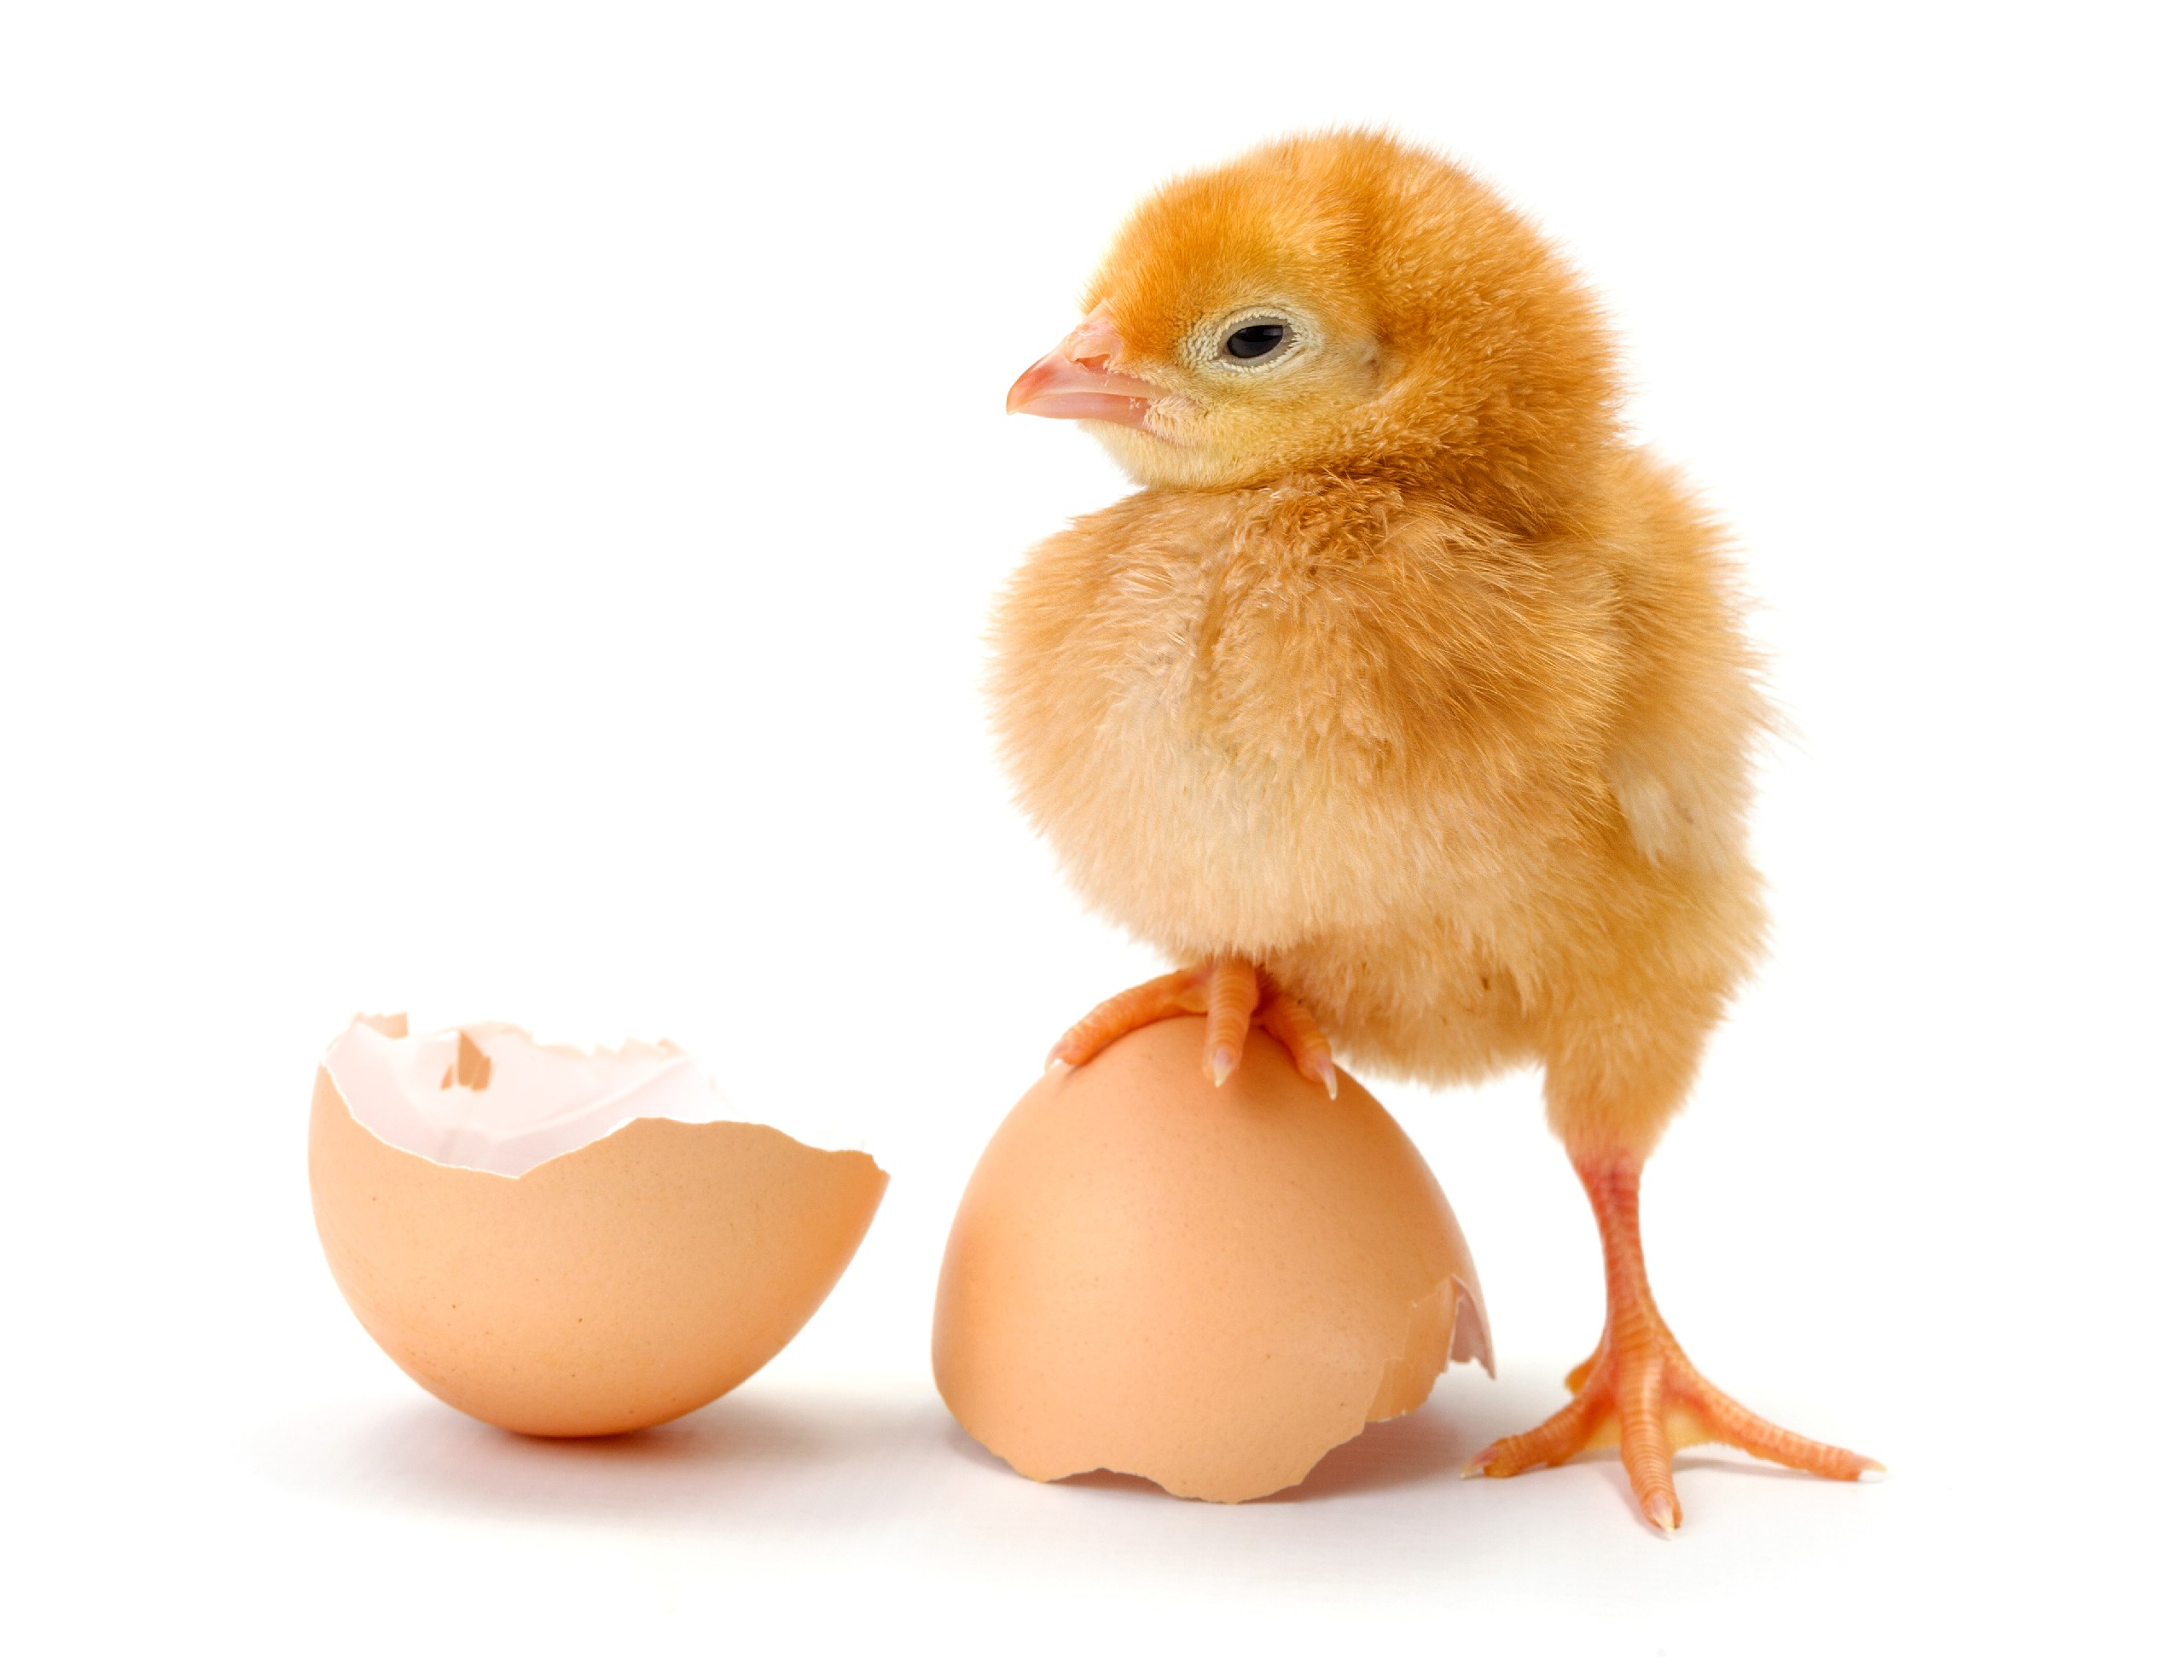 Яйцо и цыпленок картинка